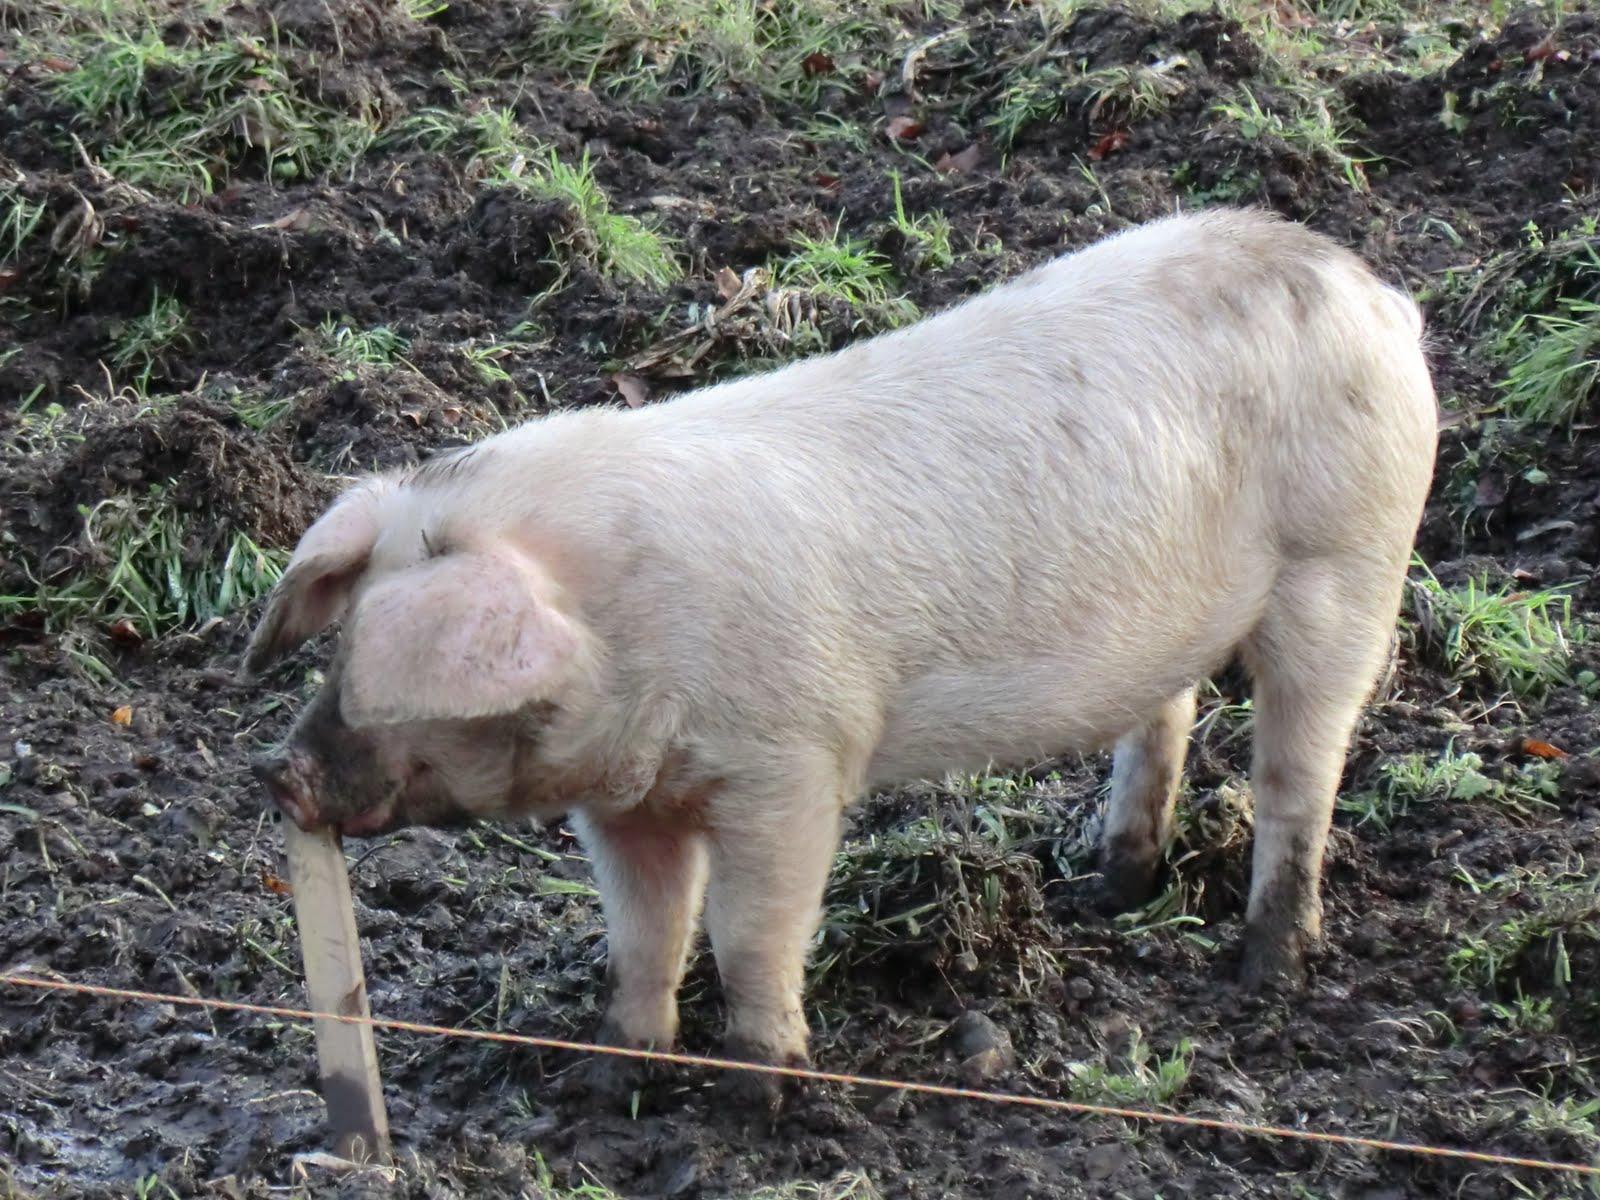 CIMG1408 Happy pig at South Farm